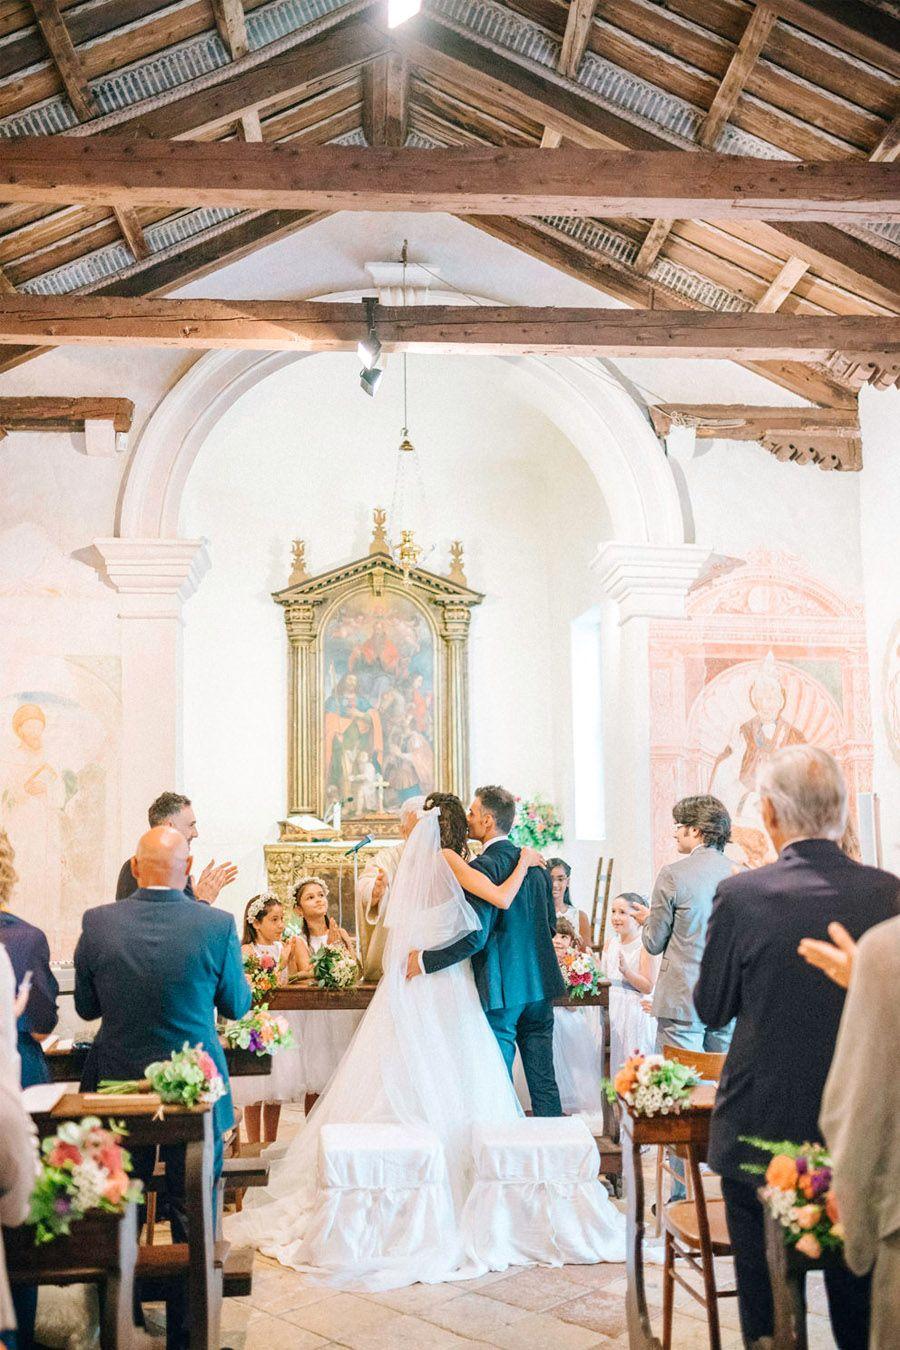 LIALA, ANDREAS Y SU PRECIOSA BODA ITALIANA ceremonia-boda